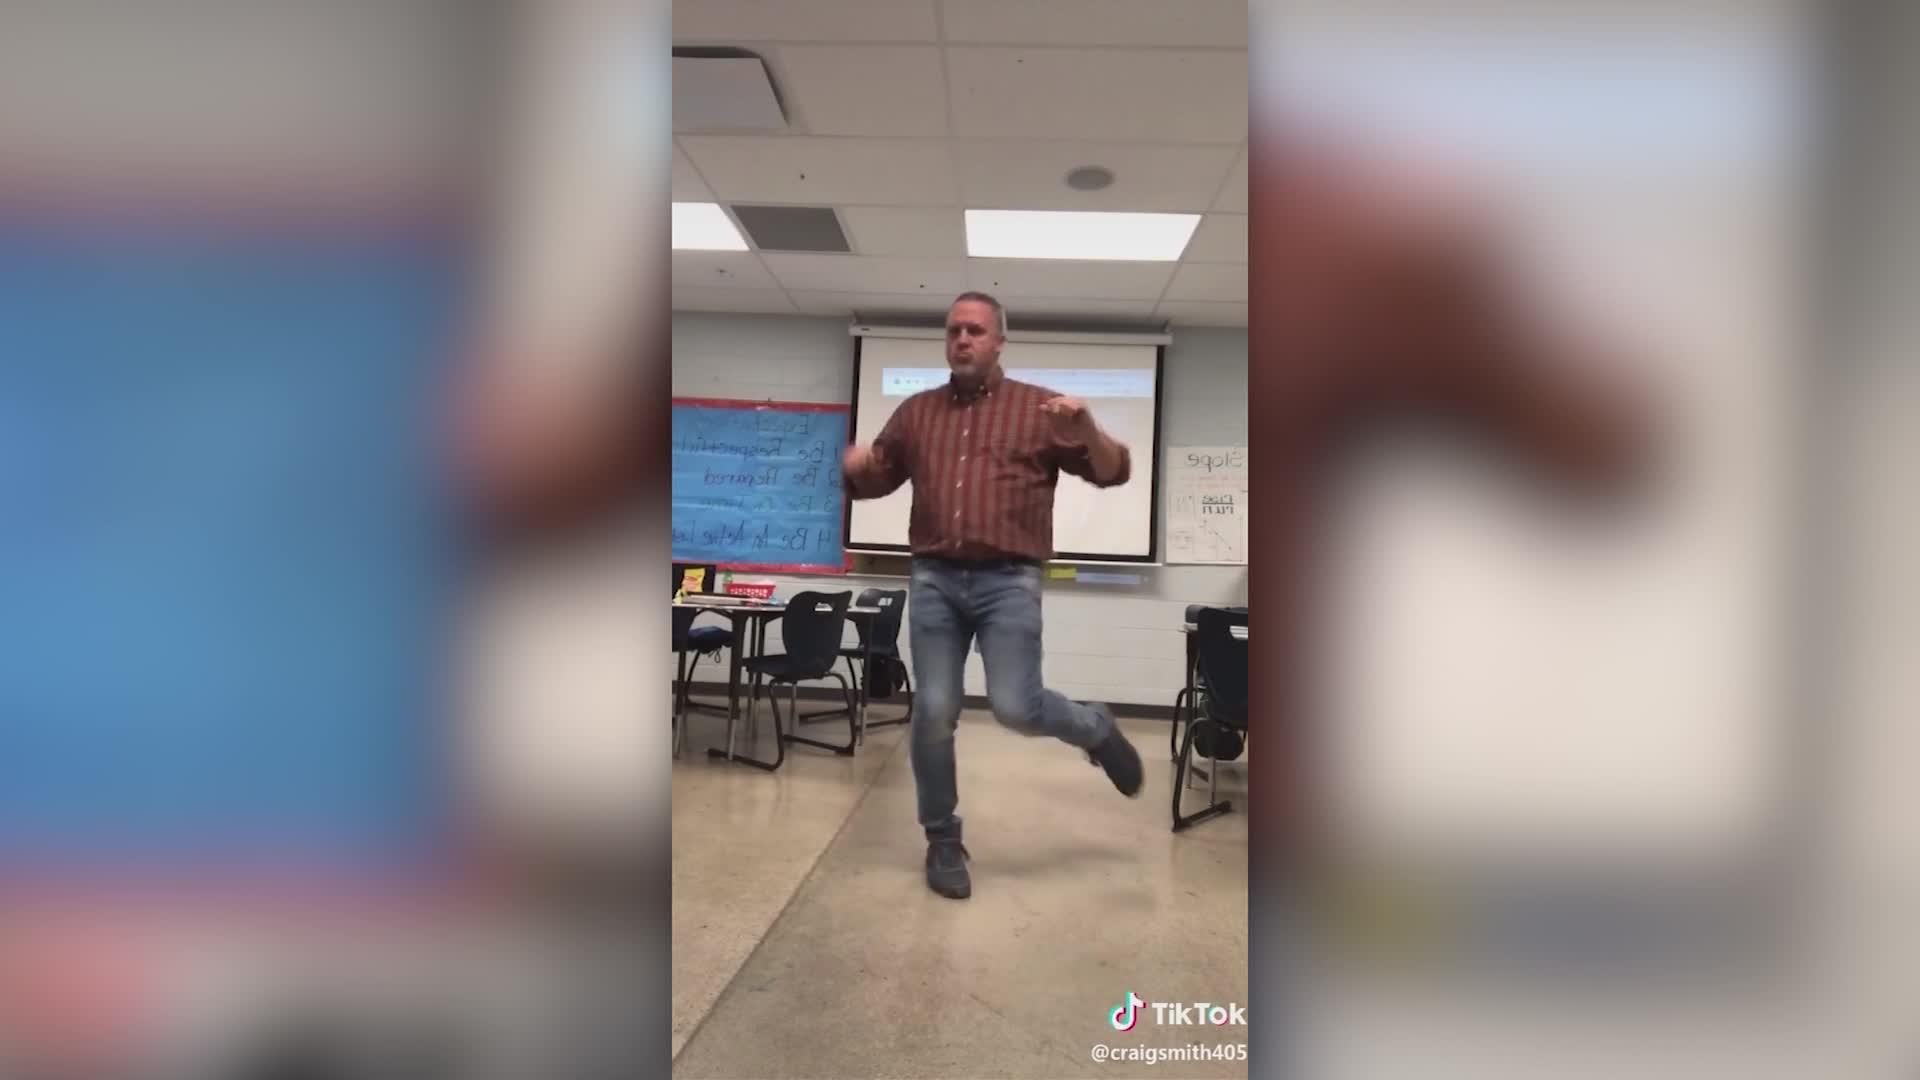 Kentucky Teacher Busts A Move In Viral Tiktok Dance Videos Cnn Video